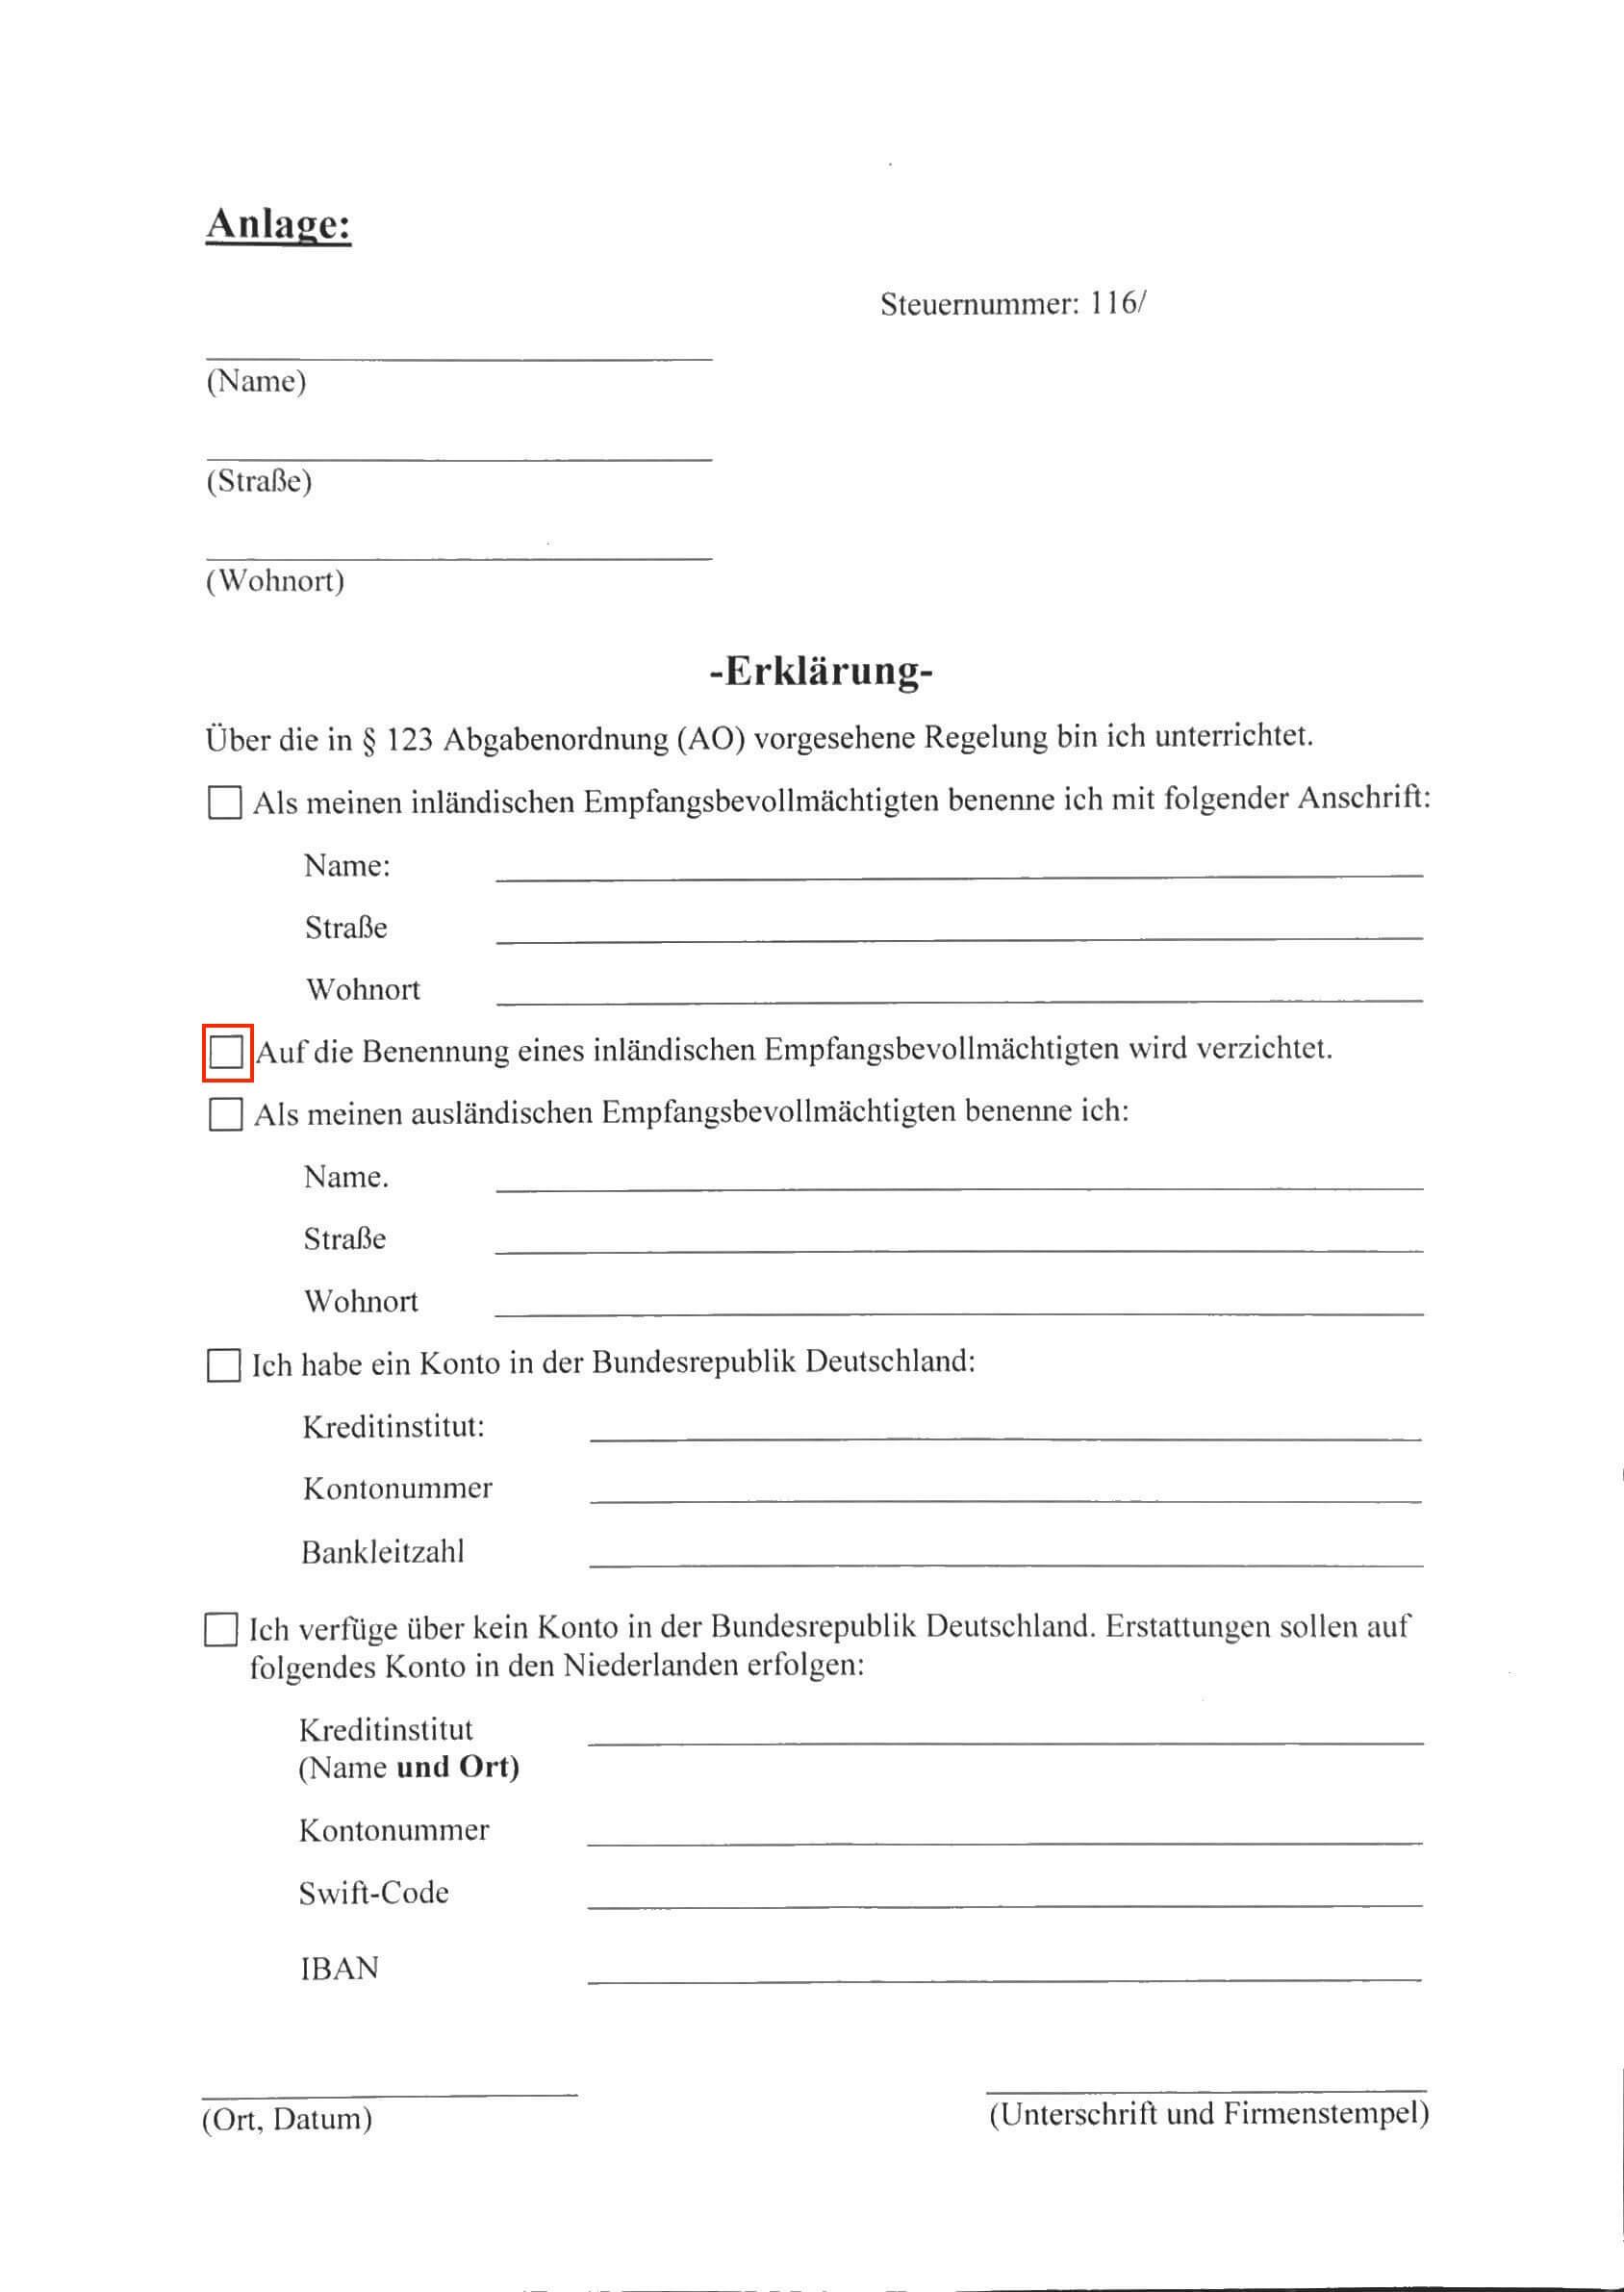 Duitse vertegenwoordiger aanstellen formulier